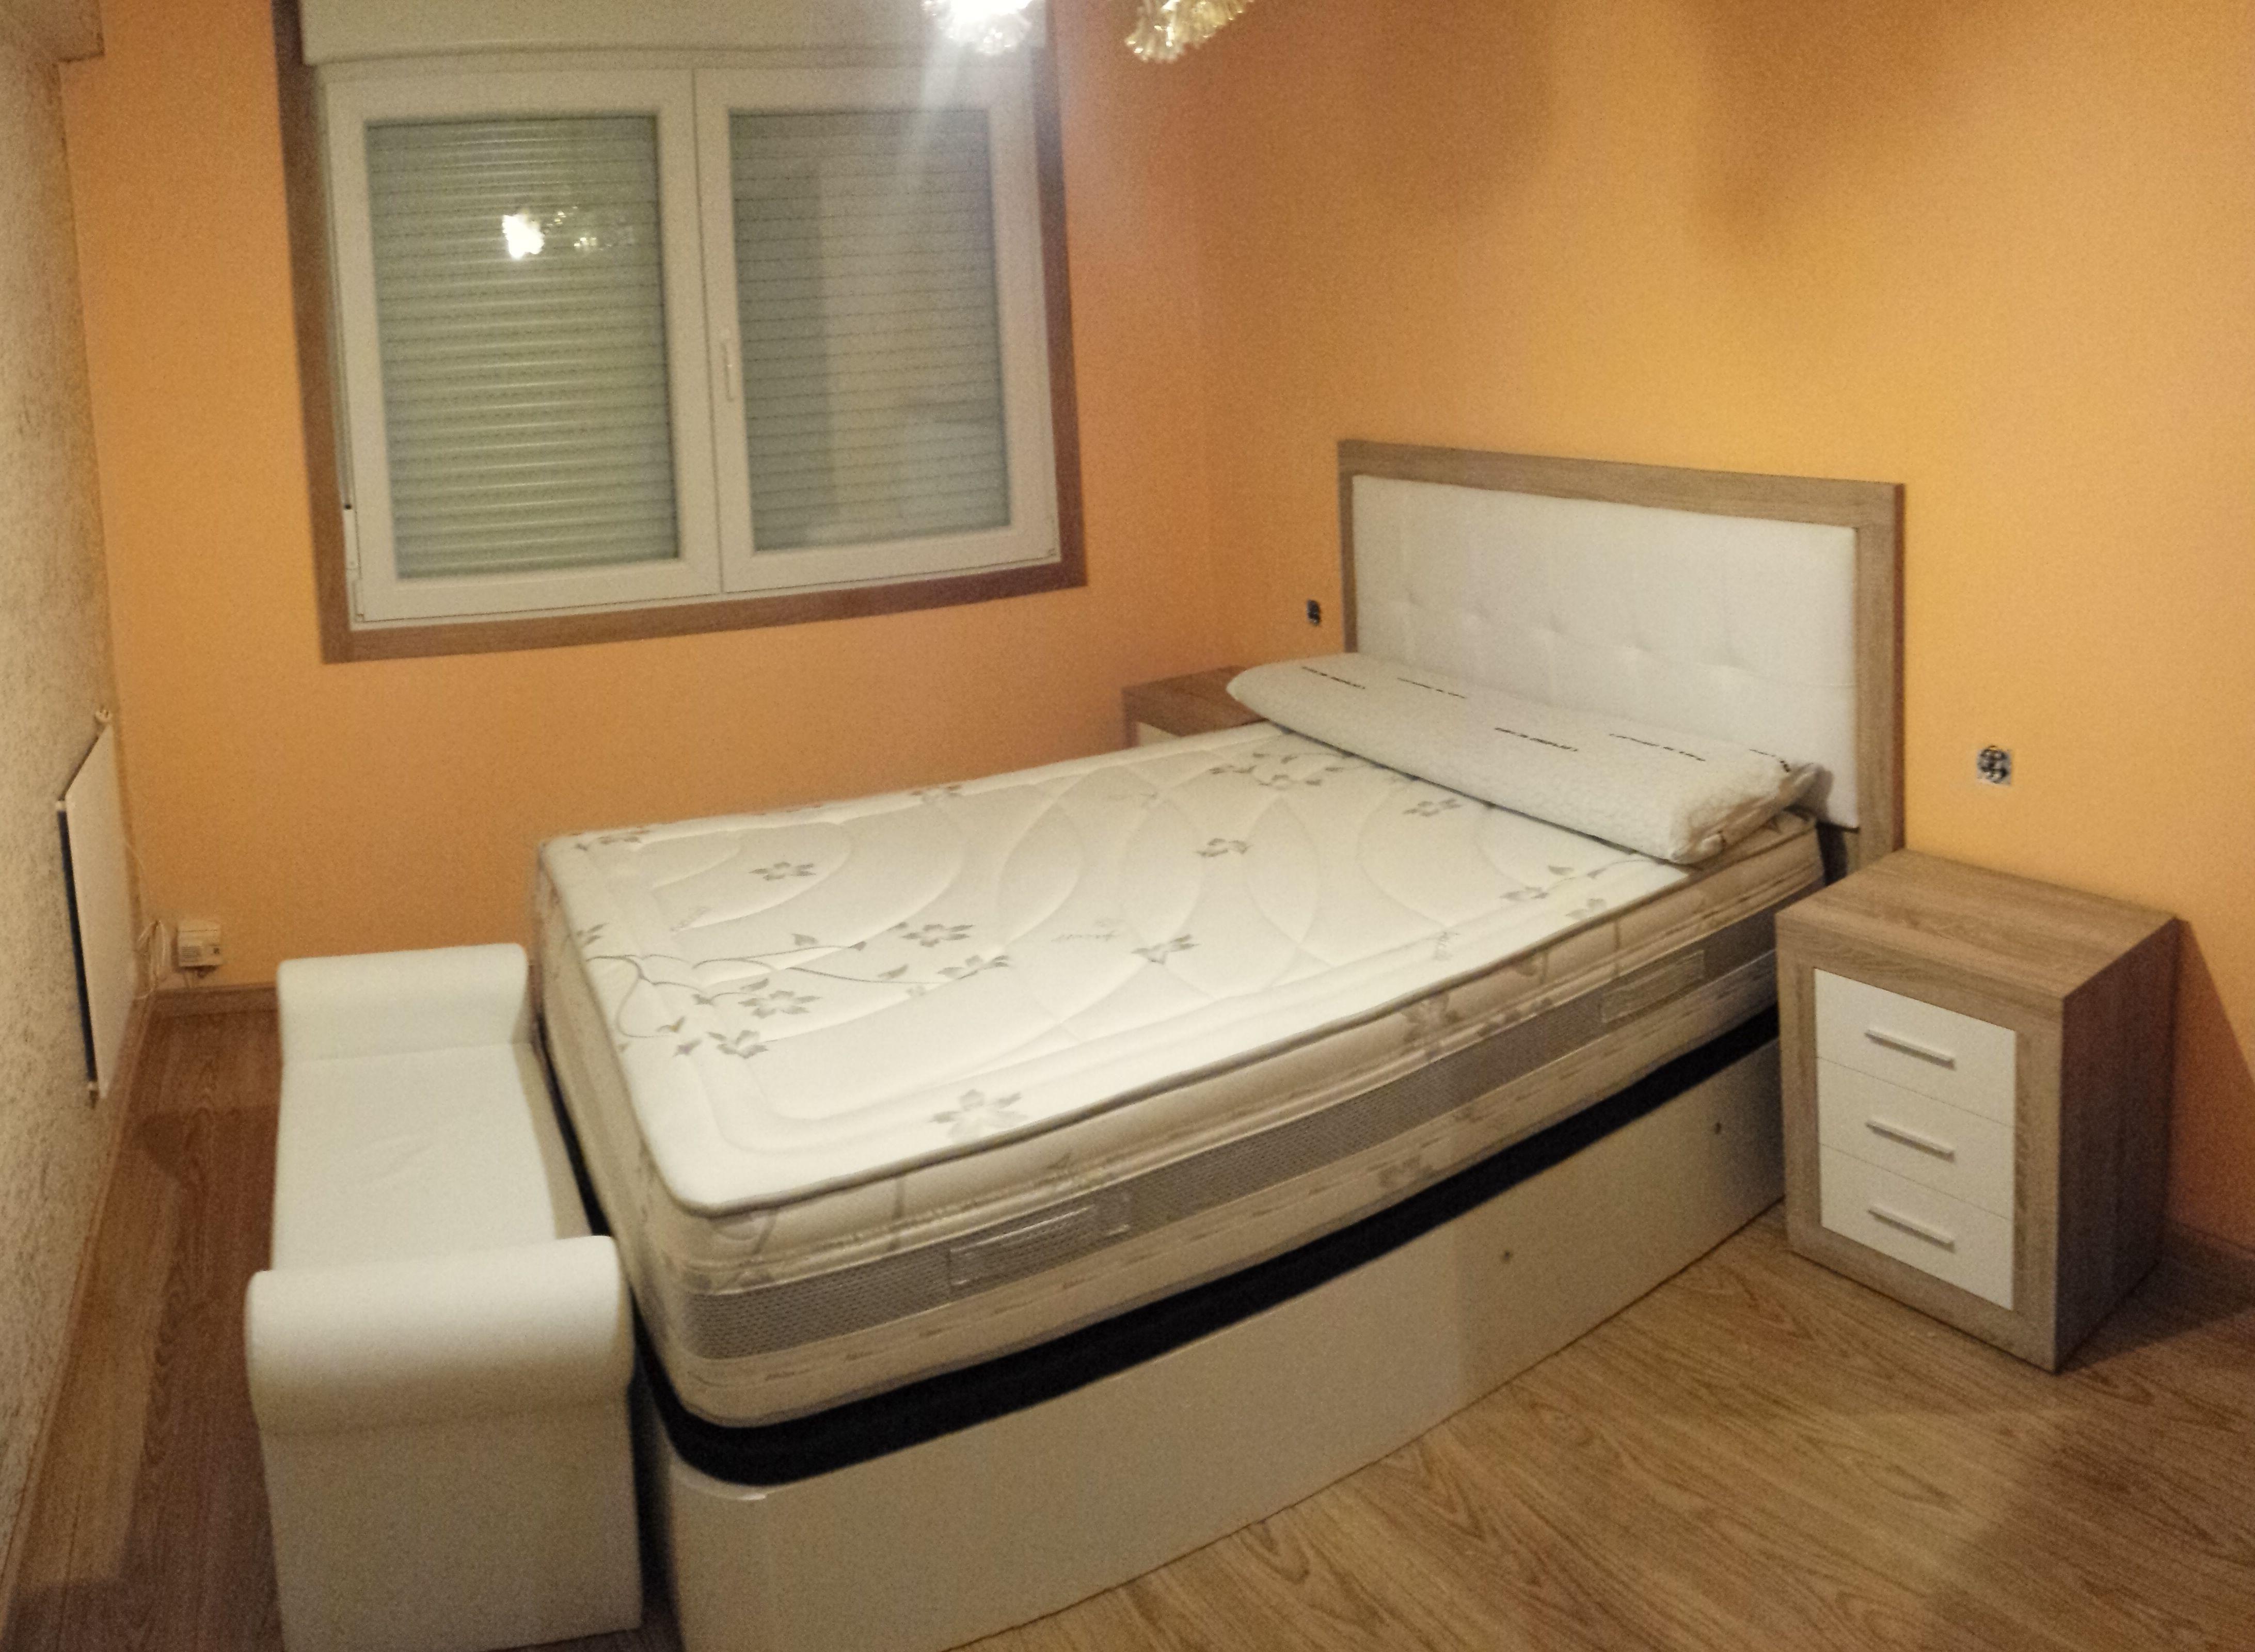 Semicl sico o semimoderno cabezal con acolchado en for Cabezal cama acolchado